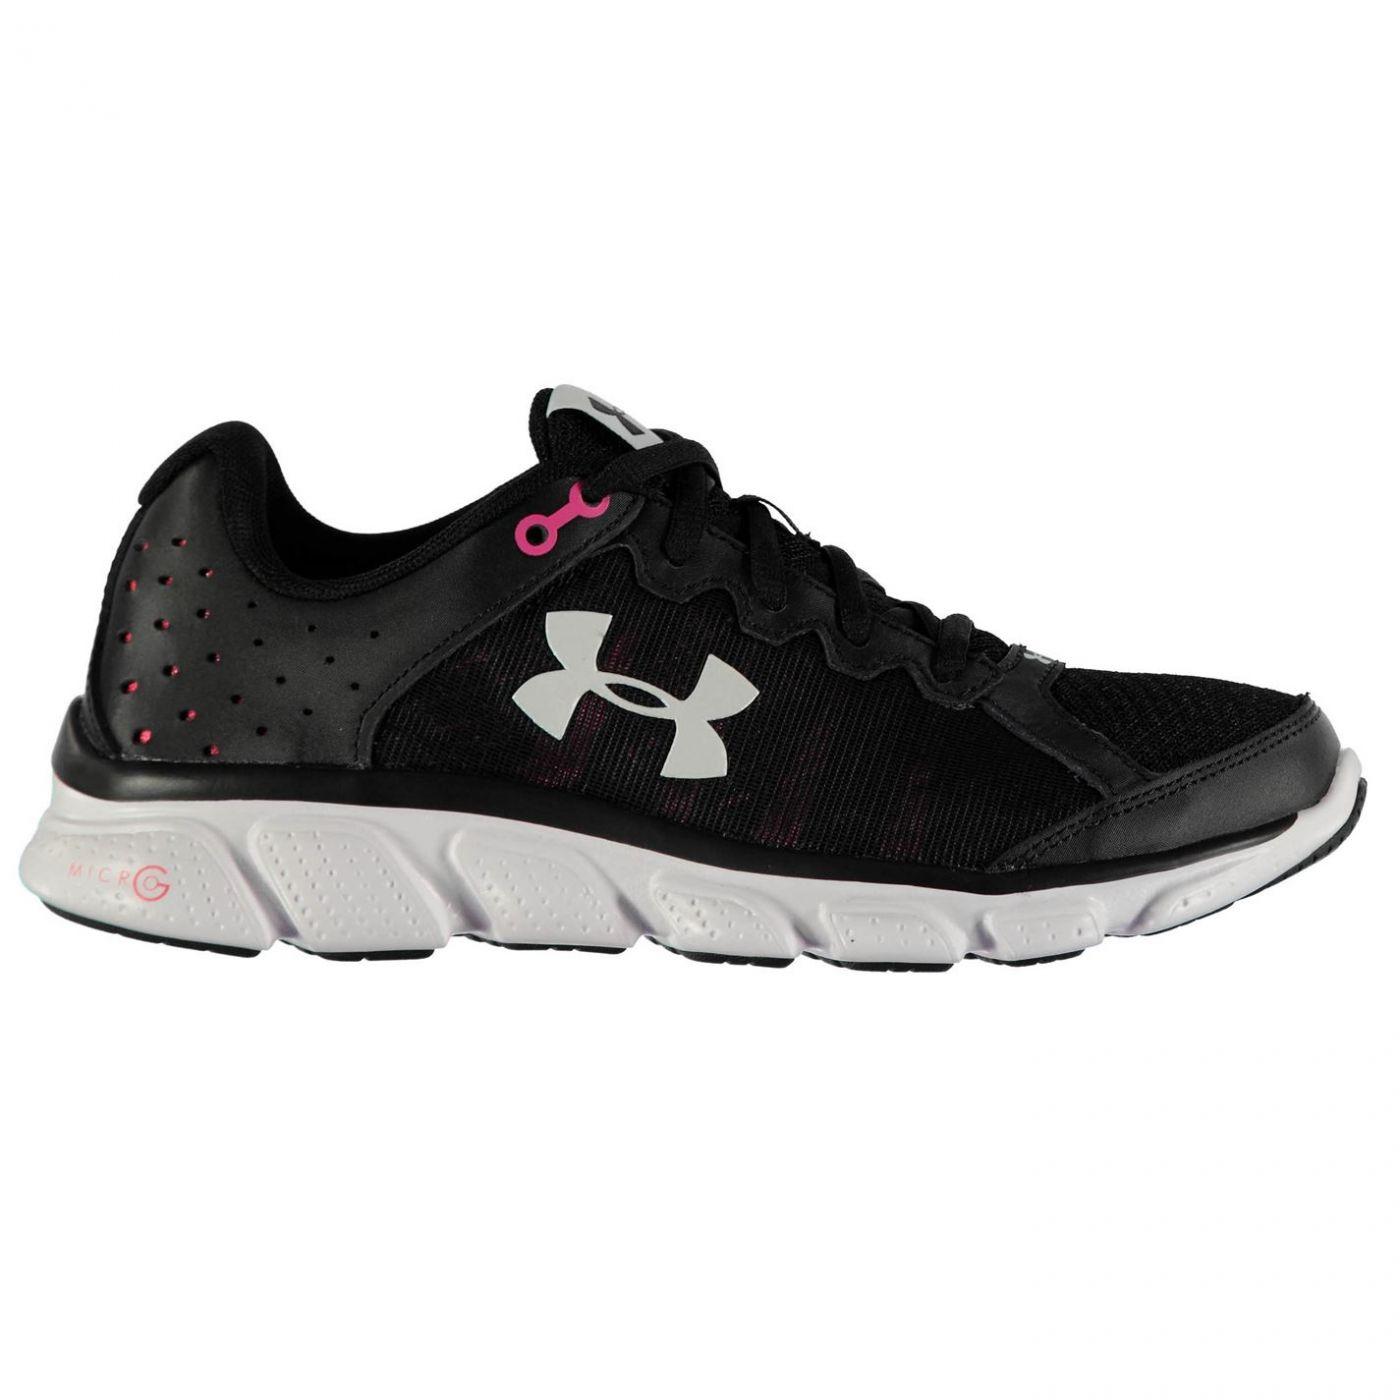 a67d3a280272e Under Armour Micro G Assert 6 Ladies Running Shoes - FACTCOOL